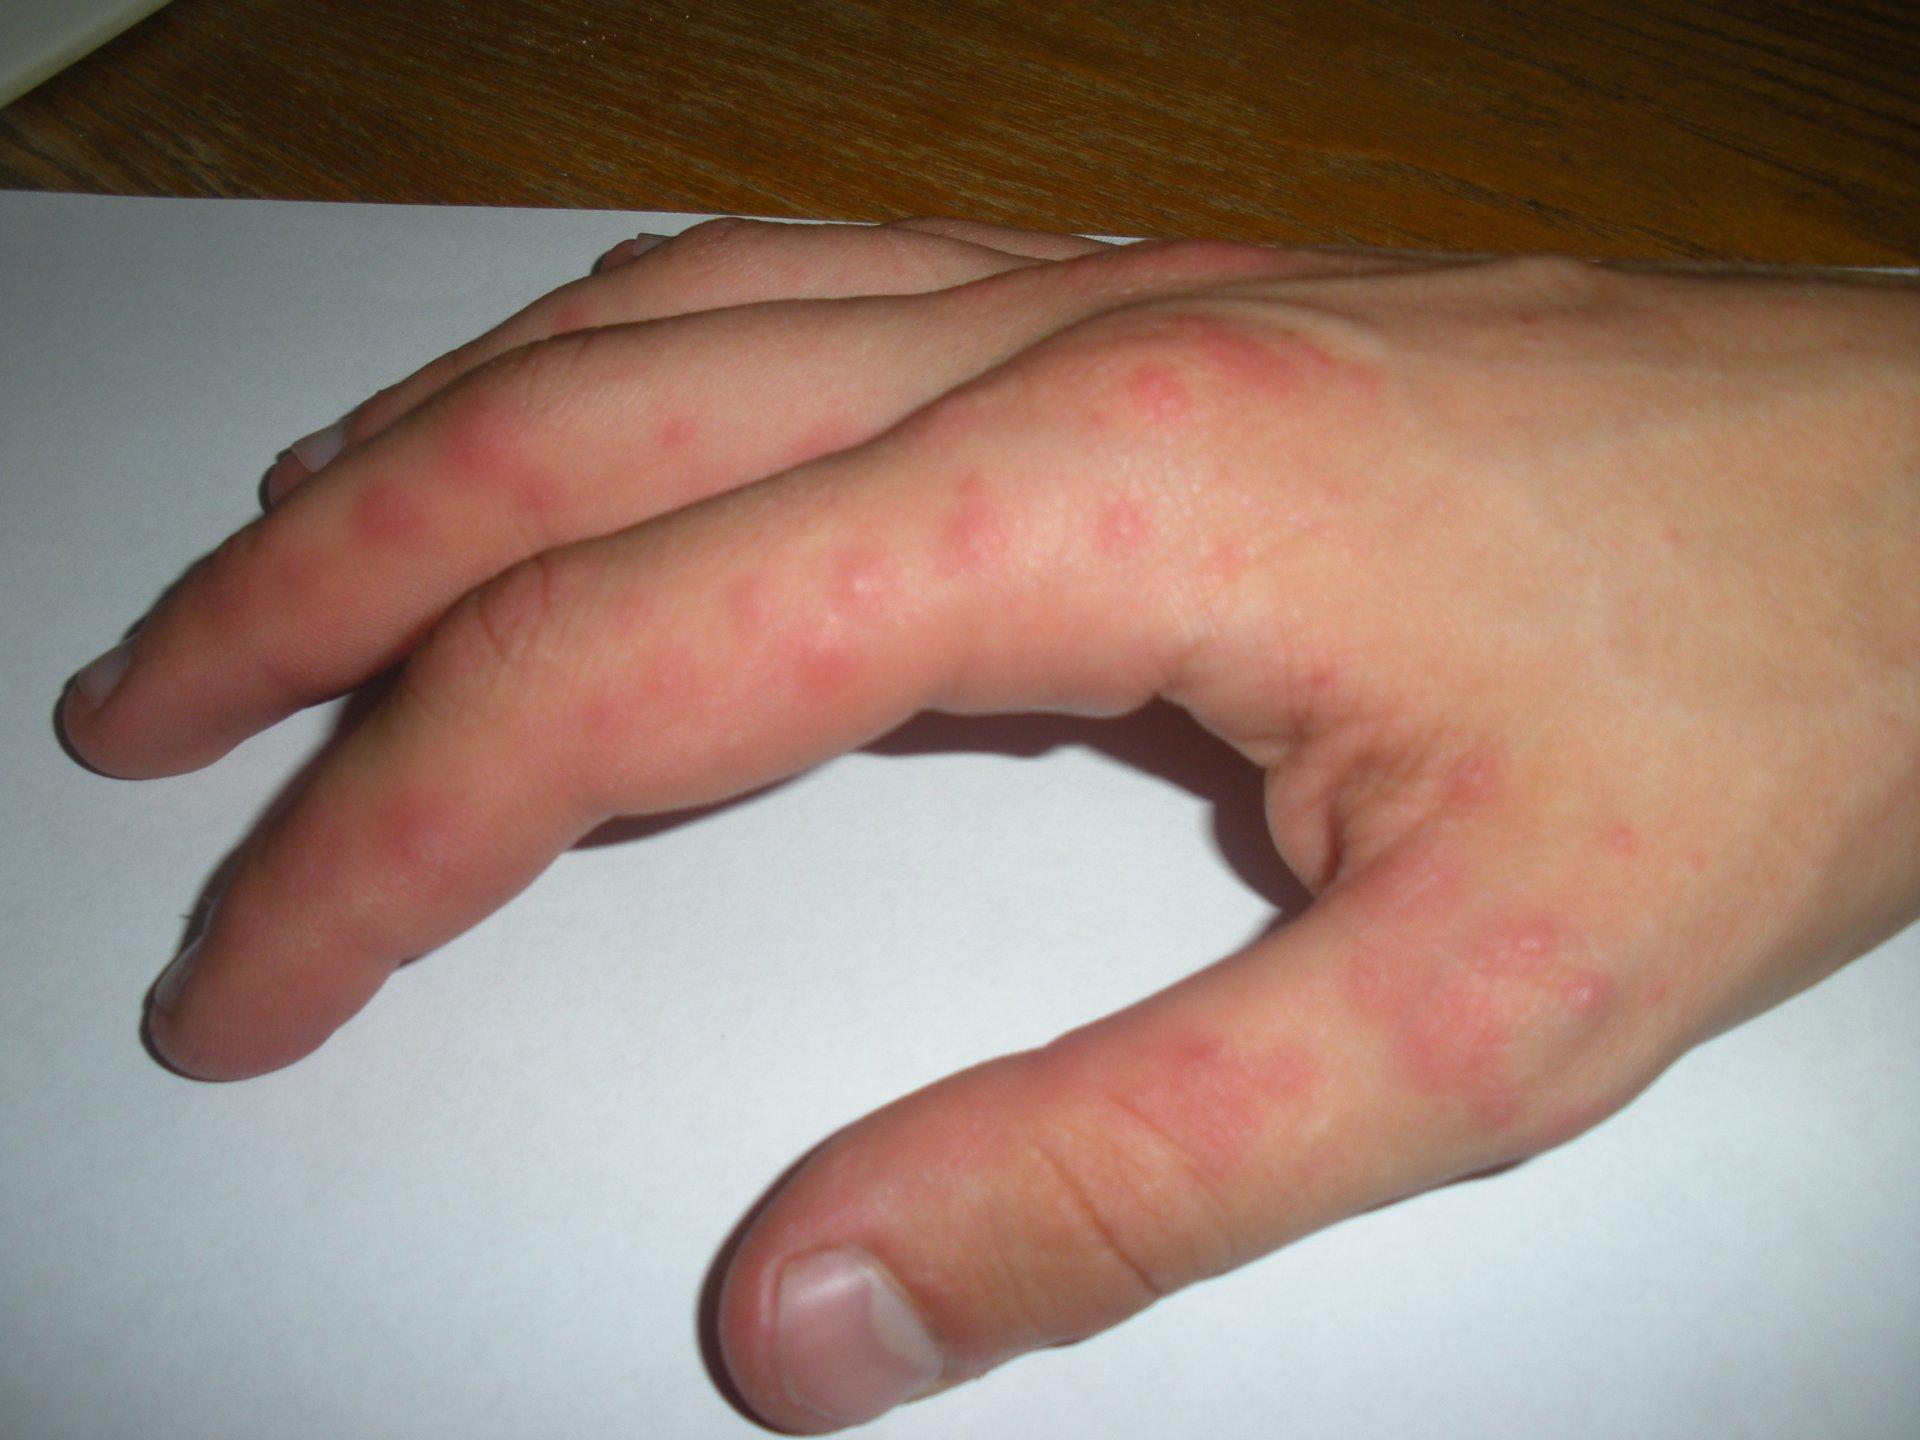 Сыпь на руках в виде прыщиков чешется